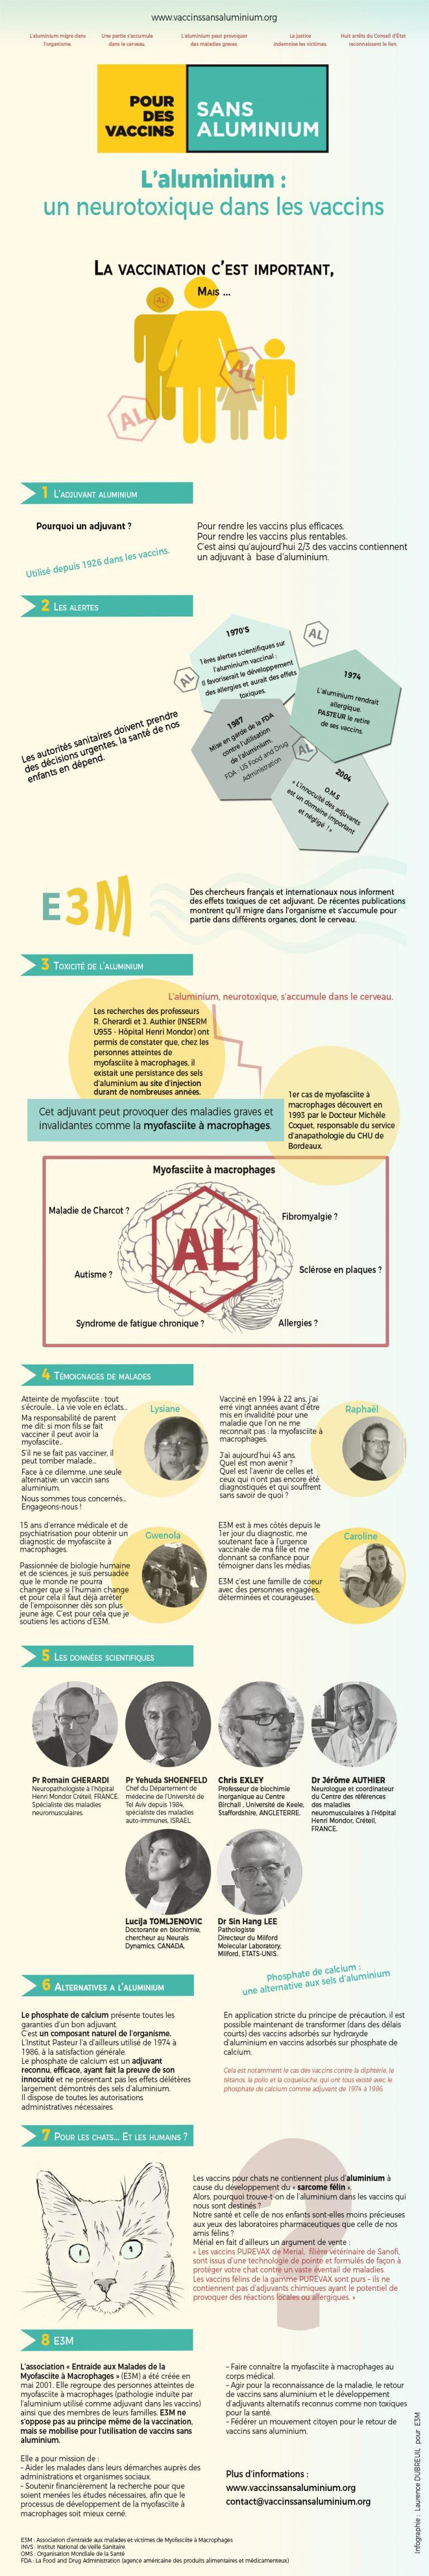 """Infographie """"Pour des vaccins sans aluminium"""" - 2017"""